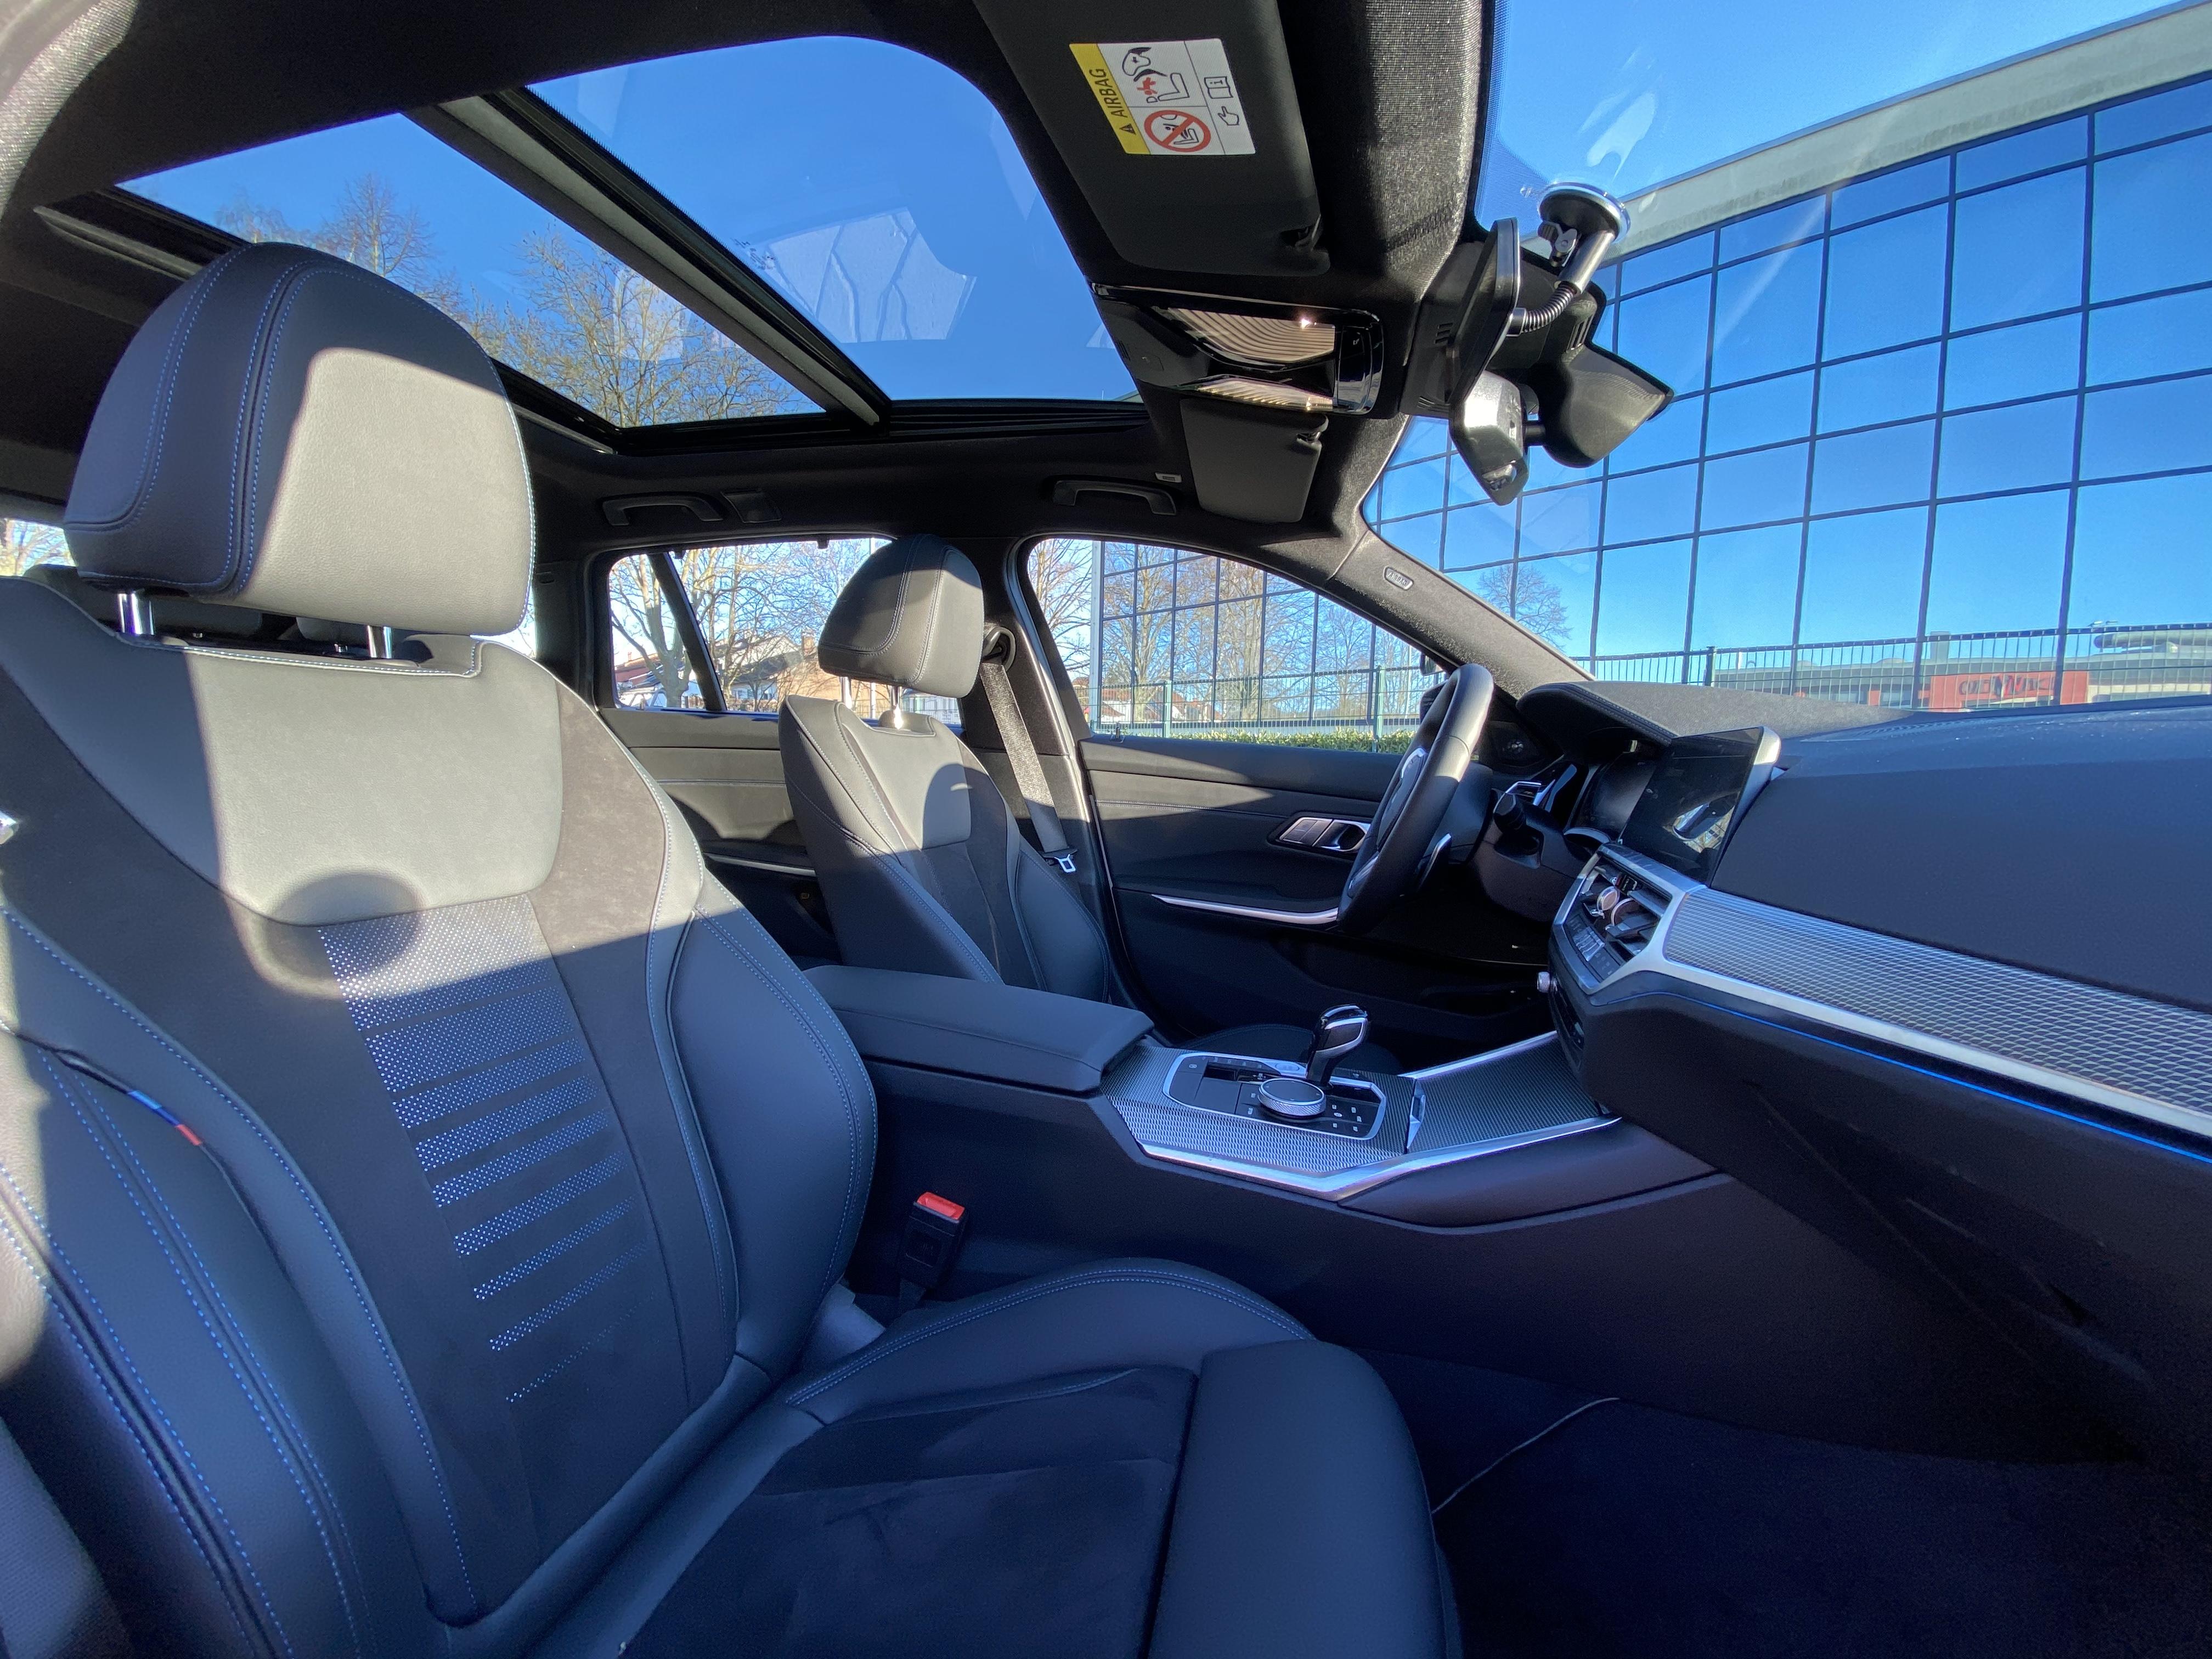 BMW 330e Hybrid